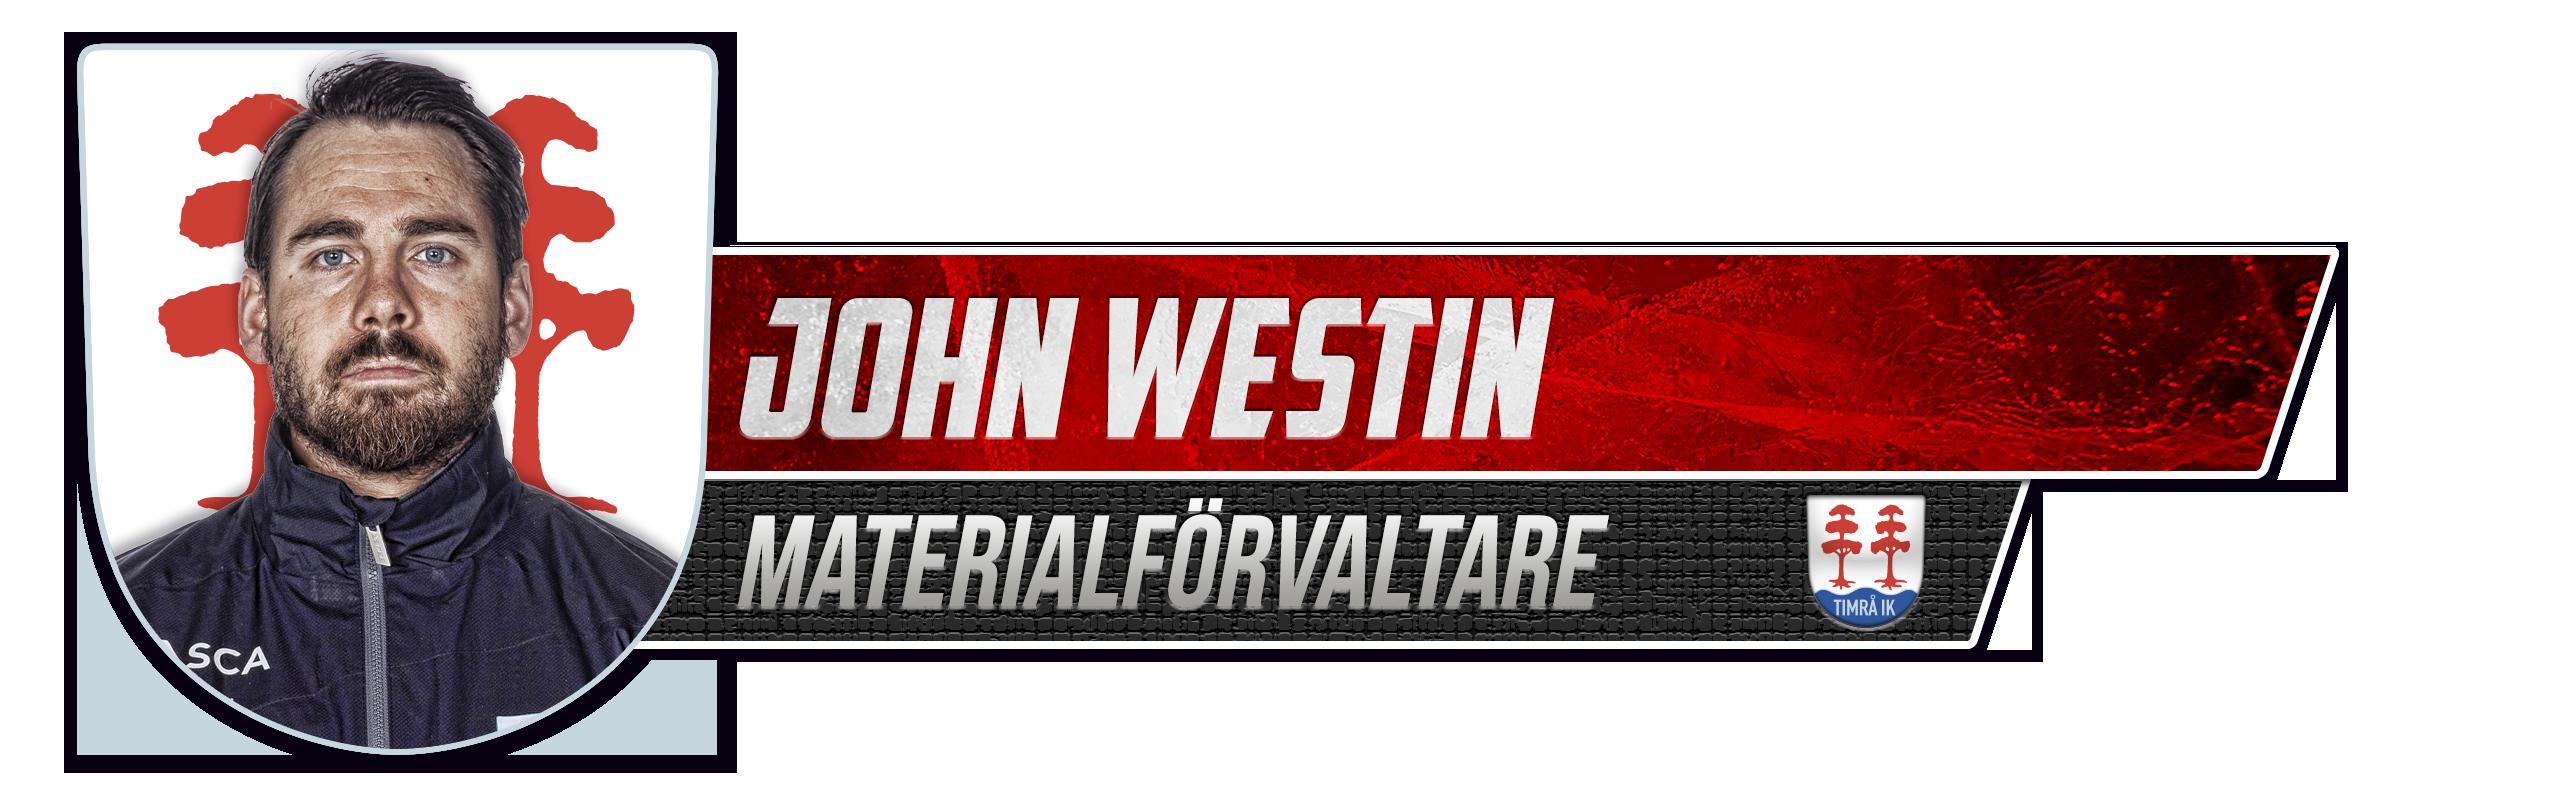 John Westin